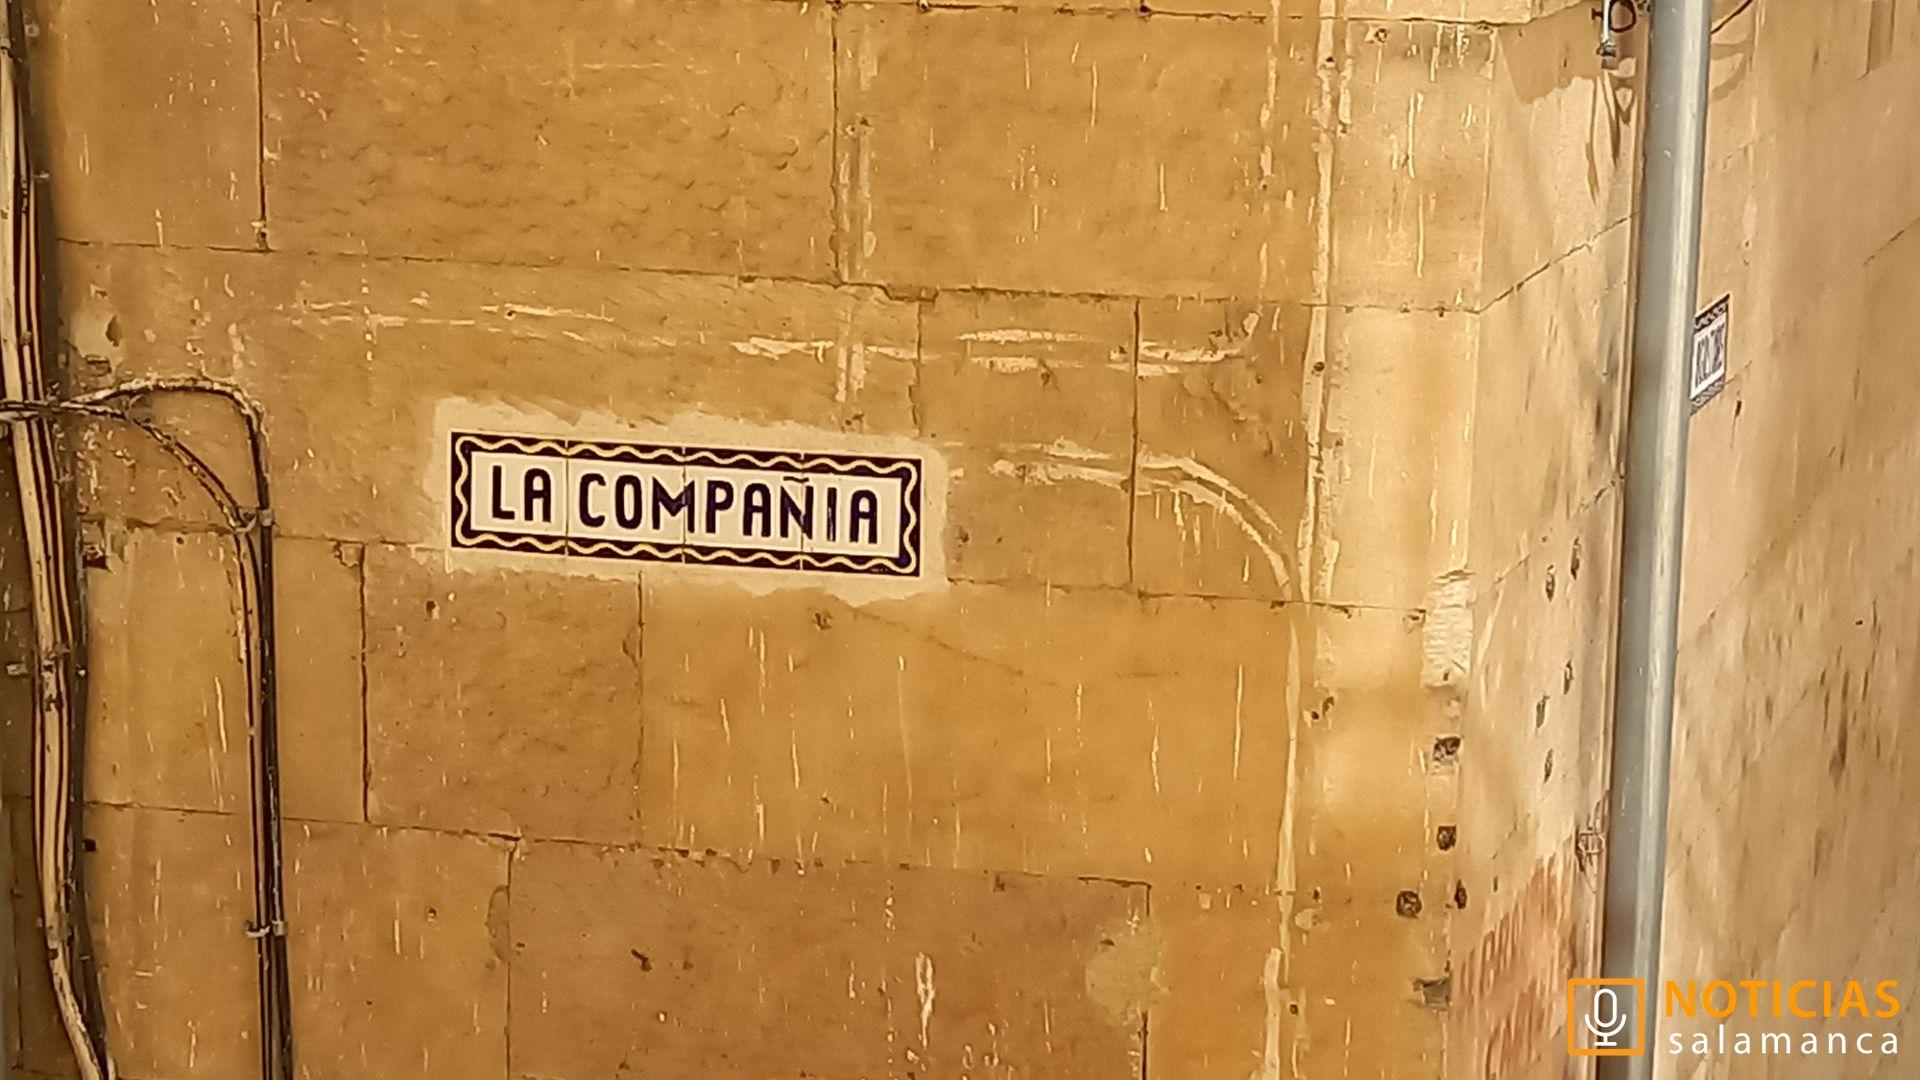 Calle La Compañia